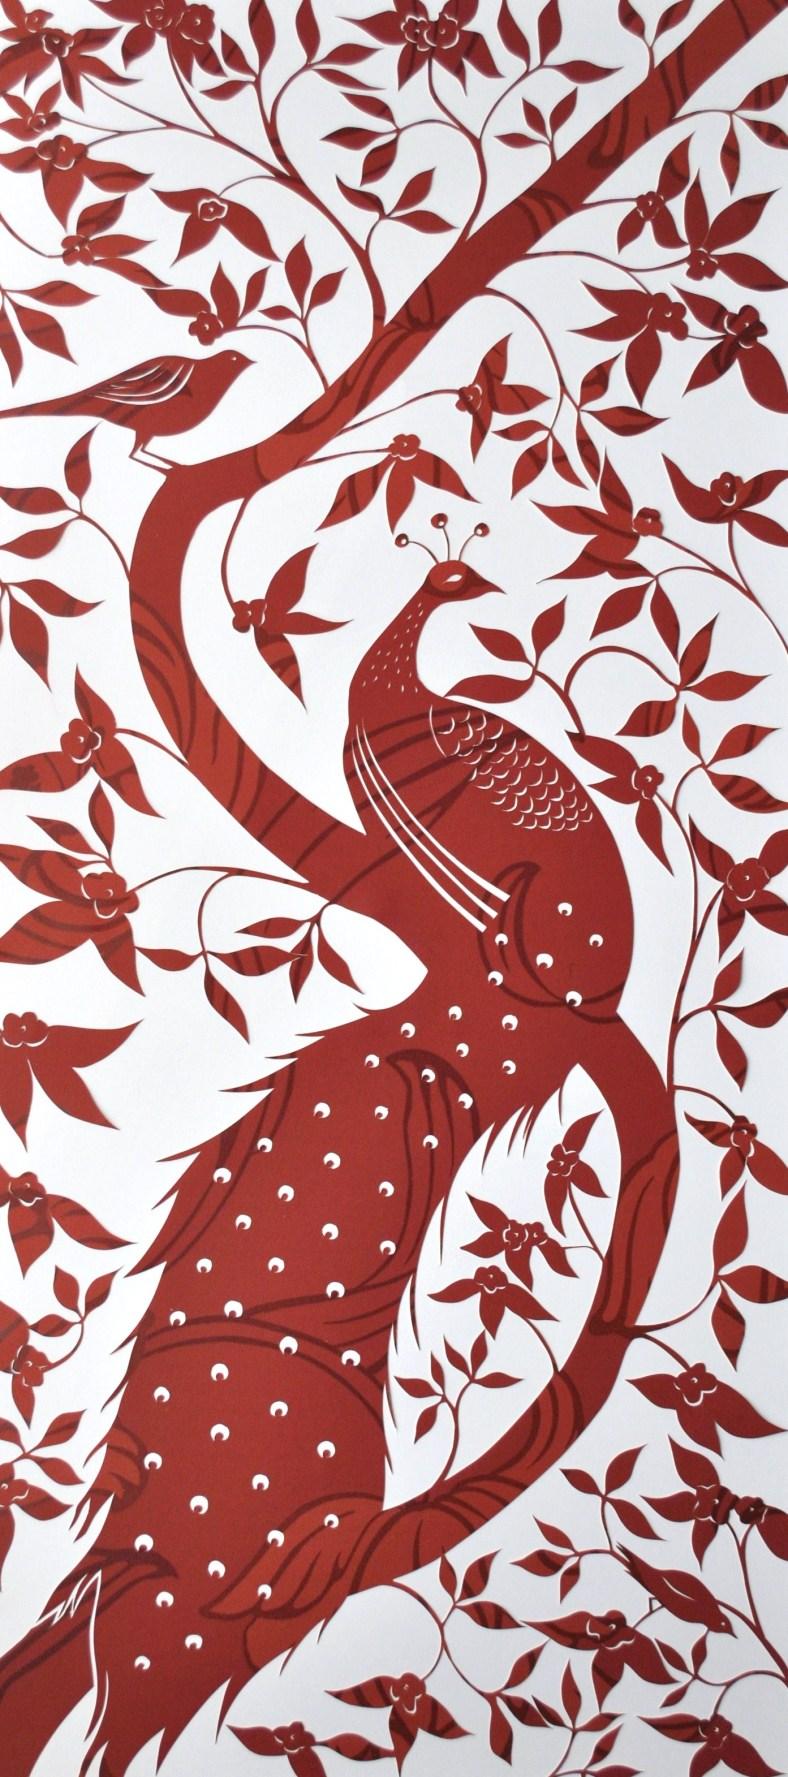 Peacock papercut